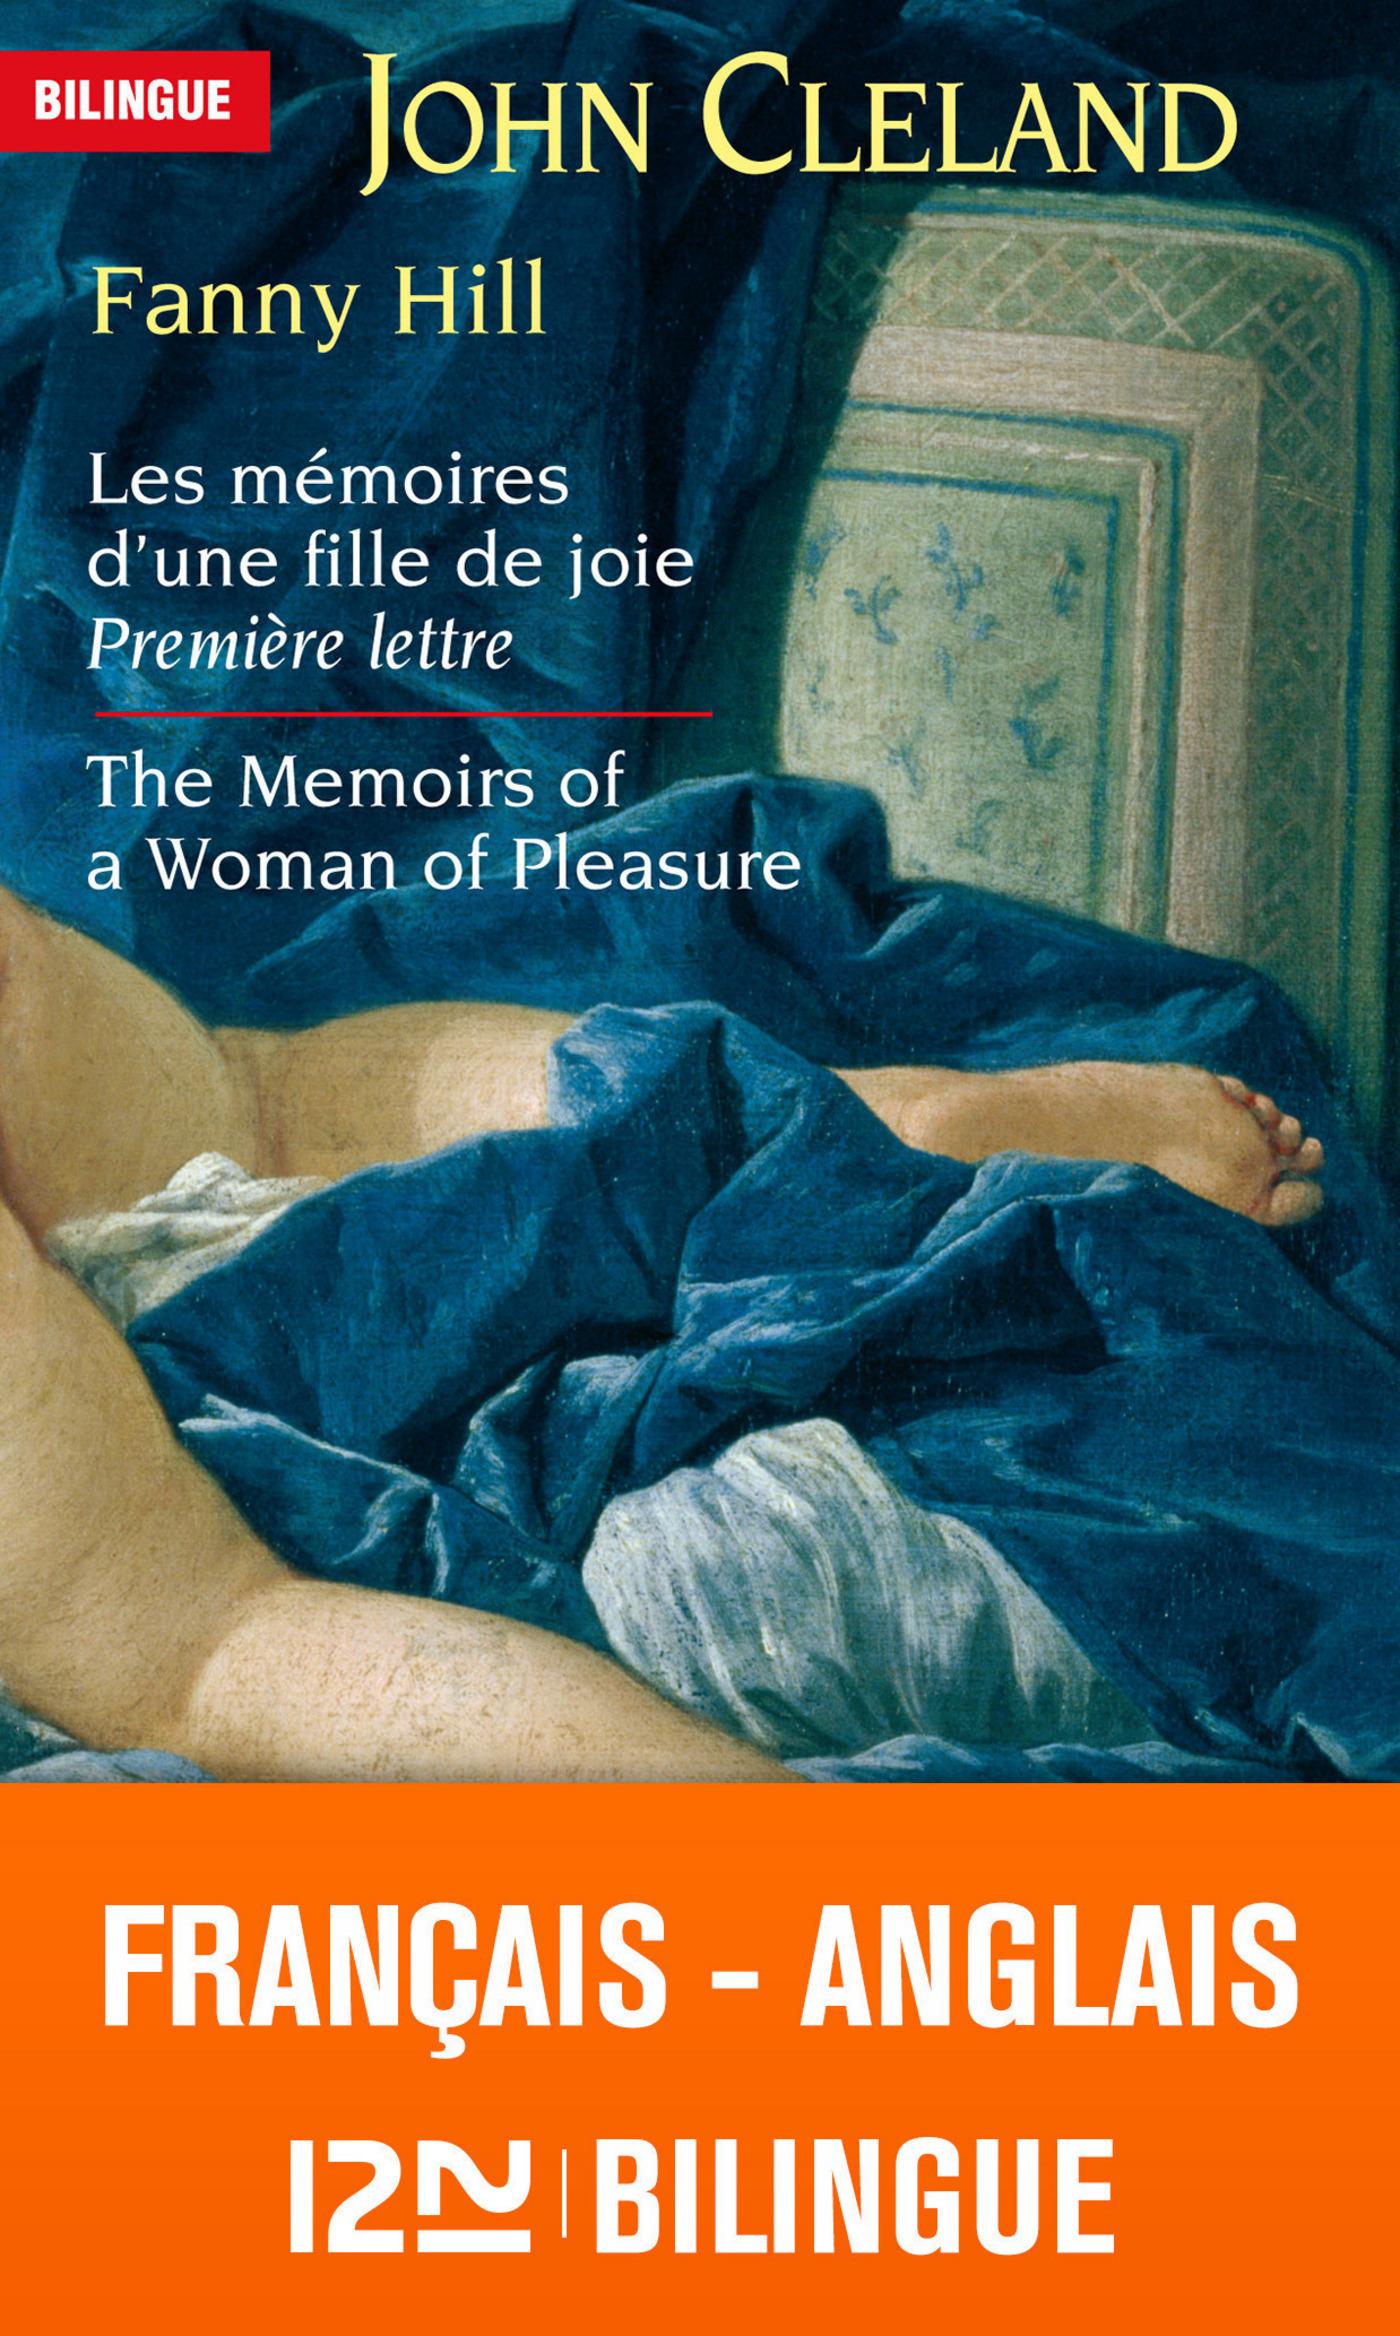 bilingue Fanny Hill, LES MÉMOIRES D'UNE FILLE DE JOIE - PREMIÈRE LETTRE